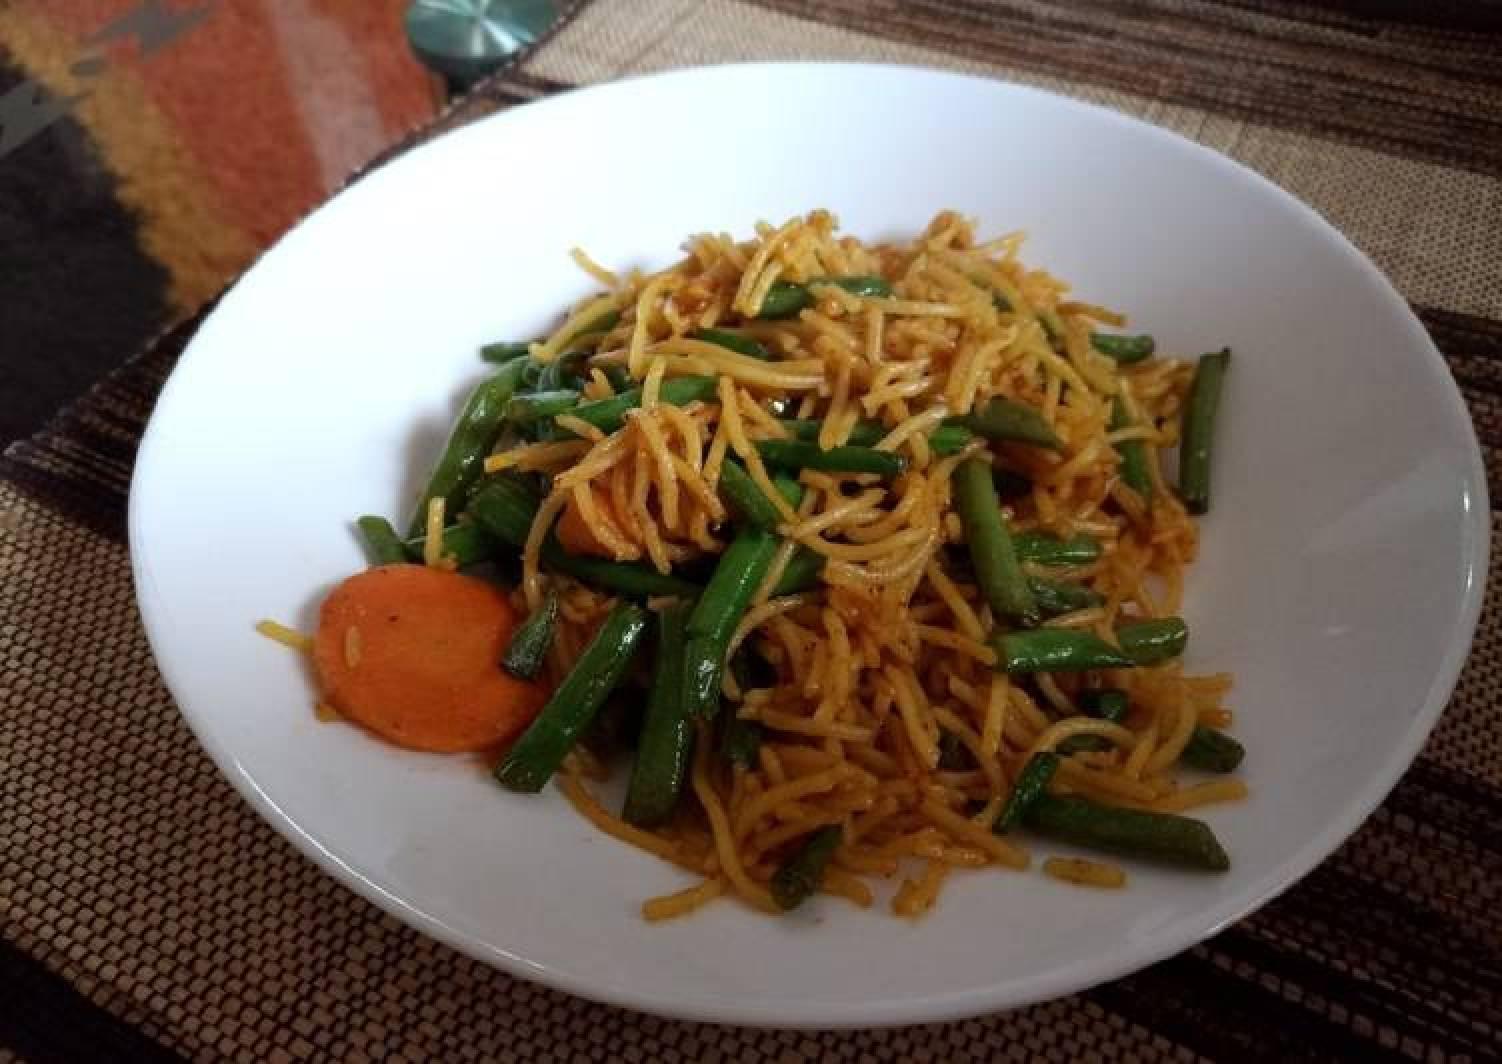 Spicy veggy pasta